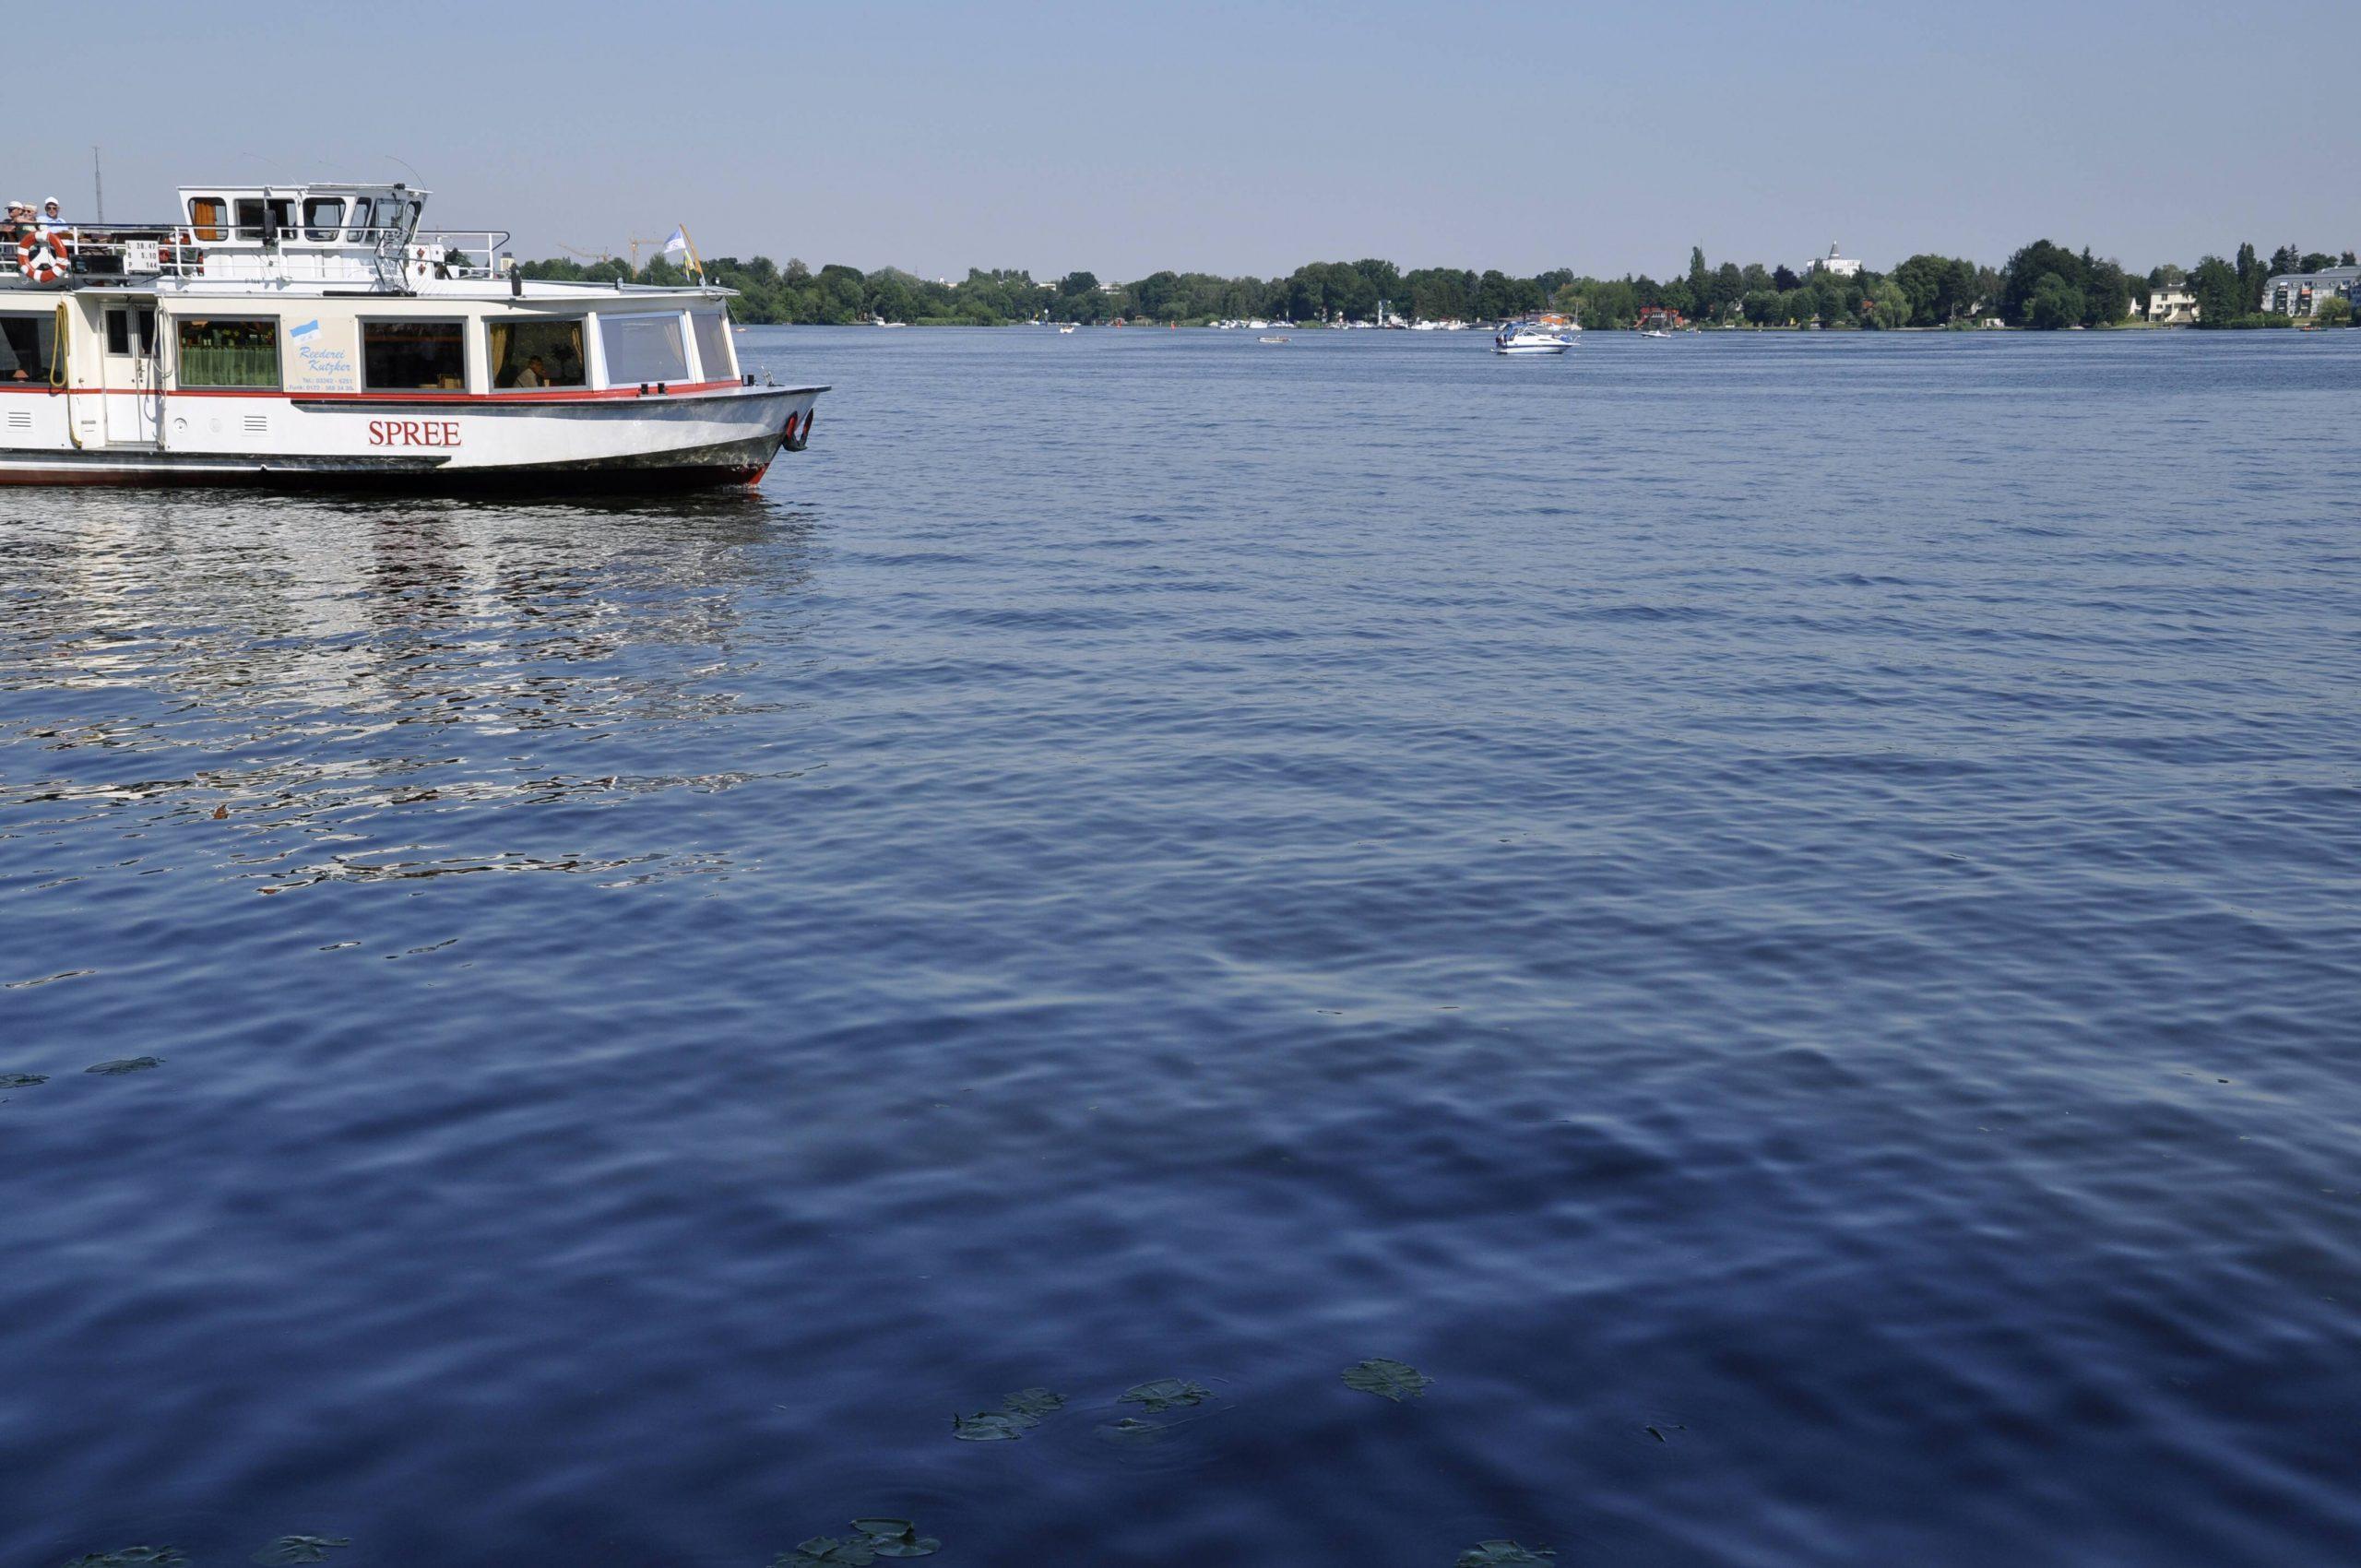 Der Dämeritzsee gehört zu den Badeseen im Südosten Berlins ist bekannt für gutes Wasser, besser rein kommt man auf der Brandenburger Seite. Foto: Imago/Steinach